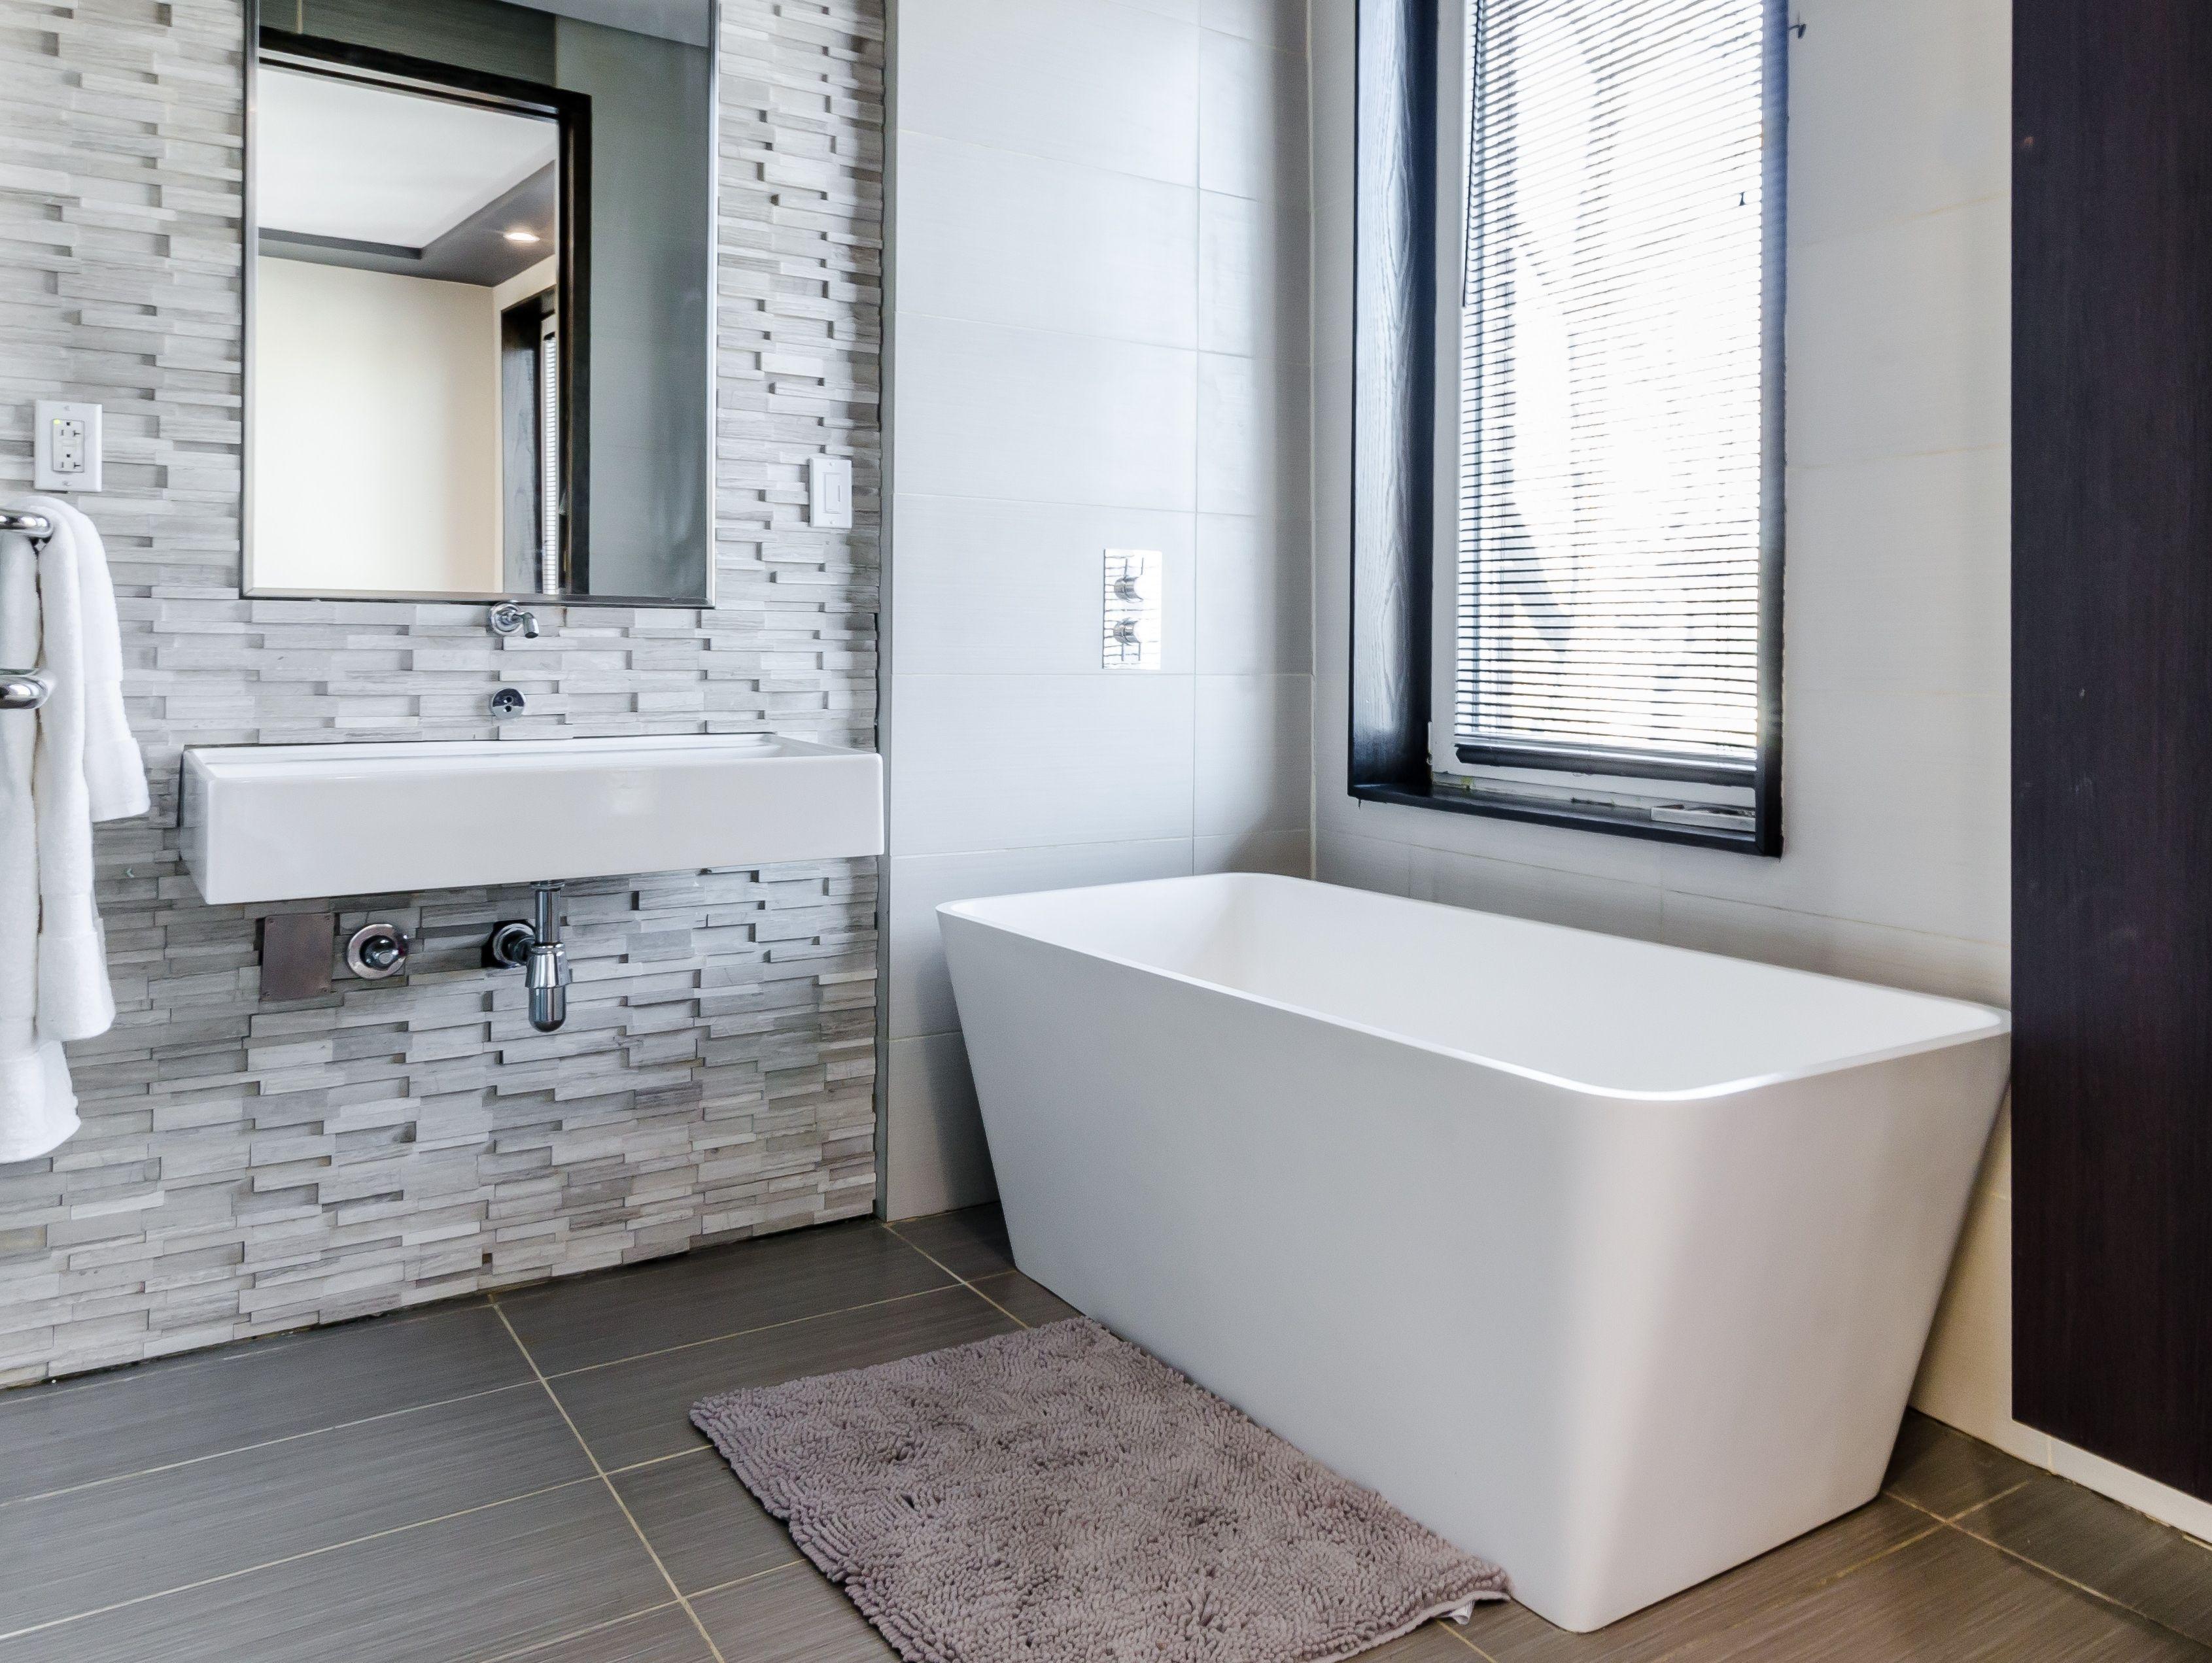 Colori Per Arredare Il Bagno : Bagno grigio e bianco tante idee per arredarlo con stile